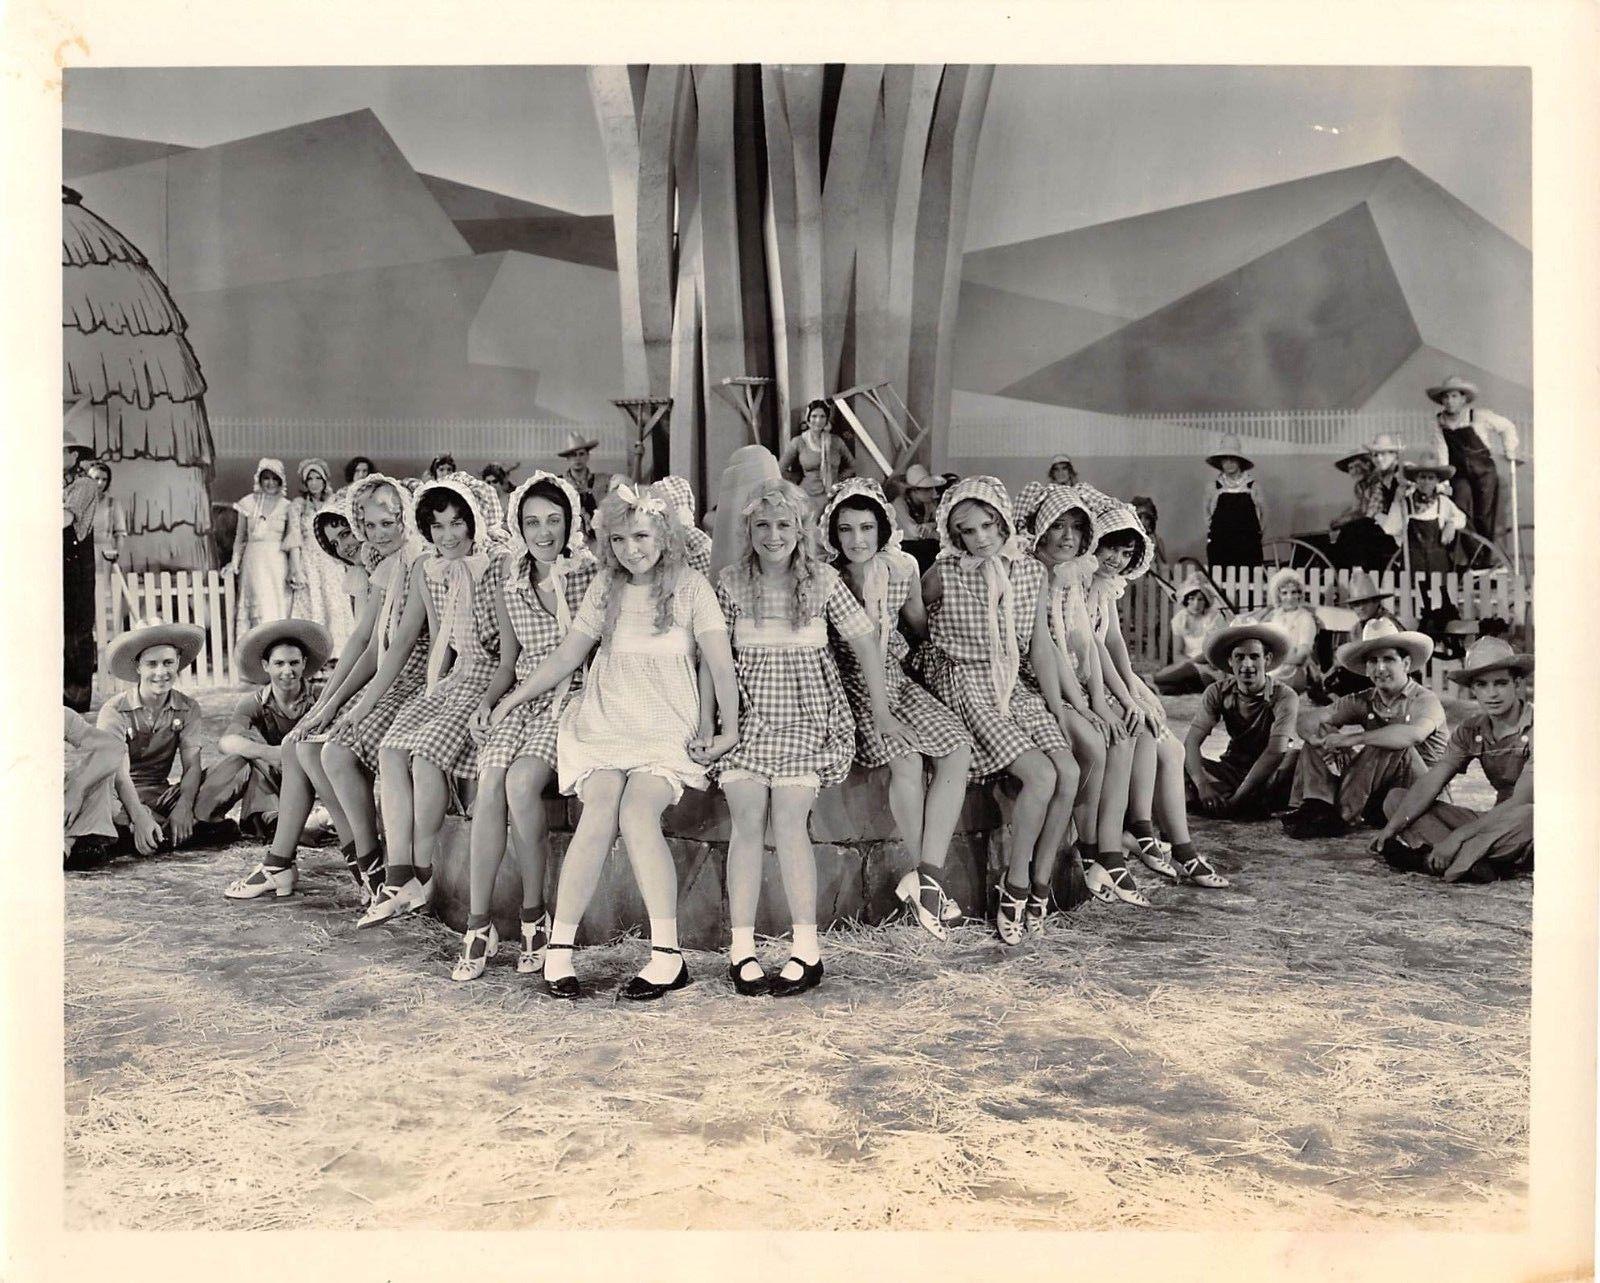 Rosetta Duncan, Vivian Duncan, and Ann Dvorak in It's a Great Life (1929)